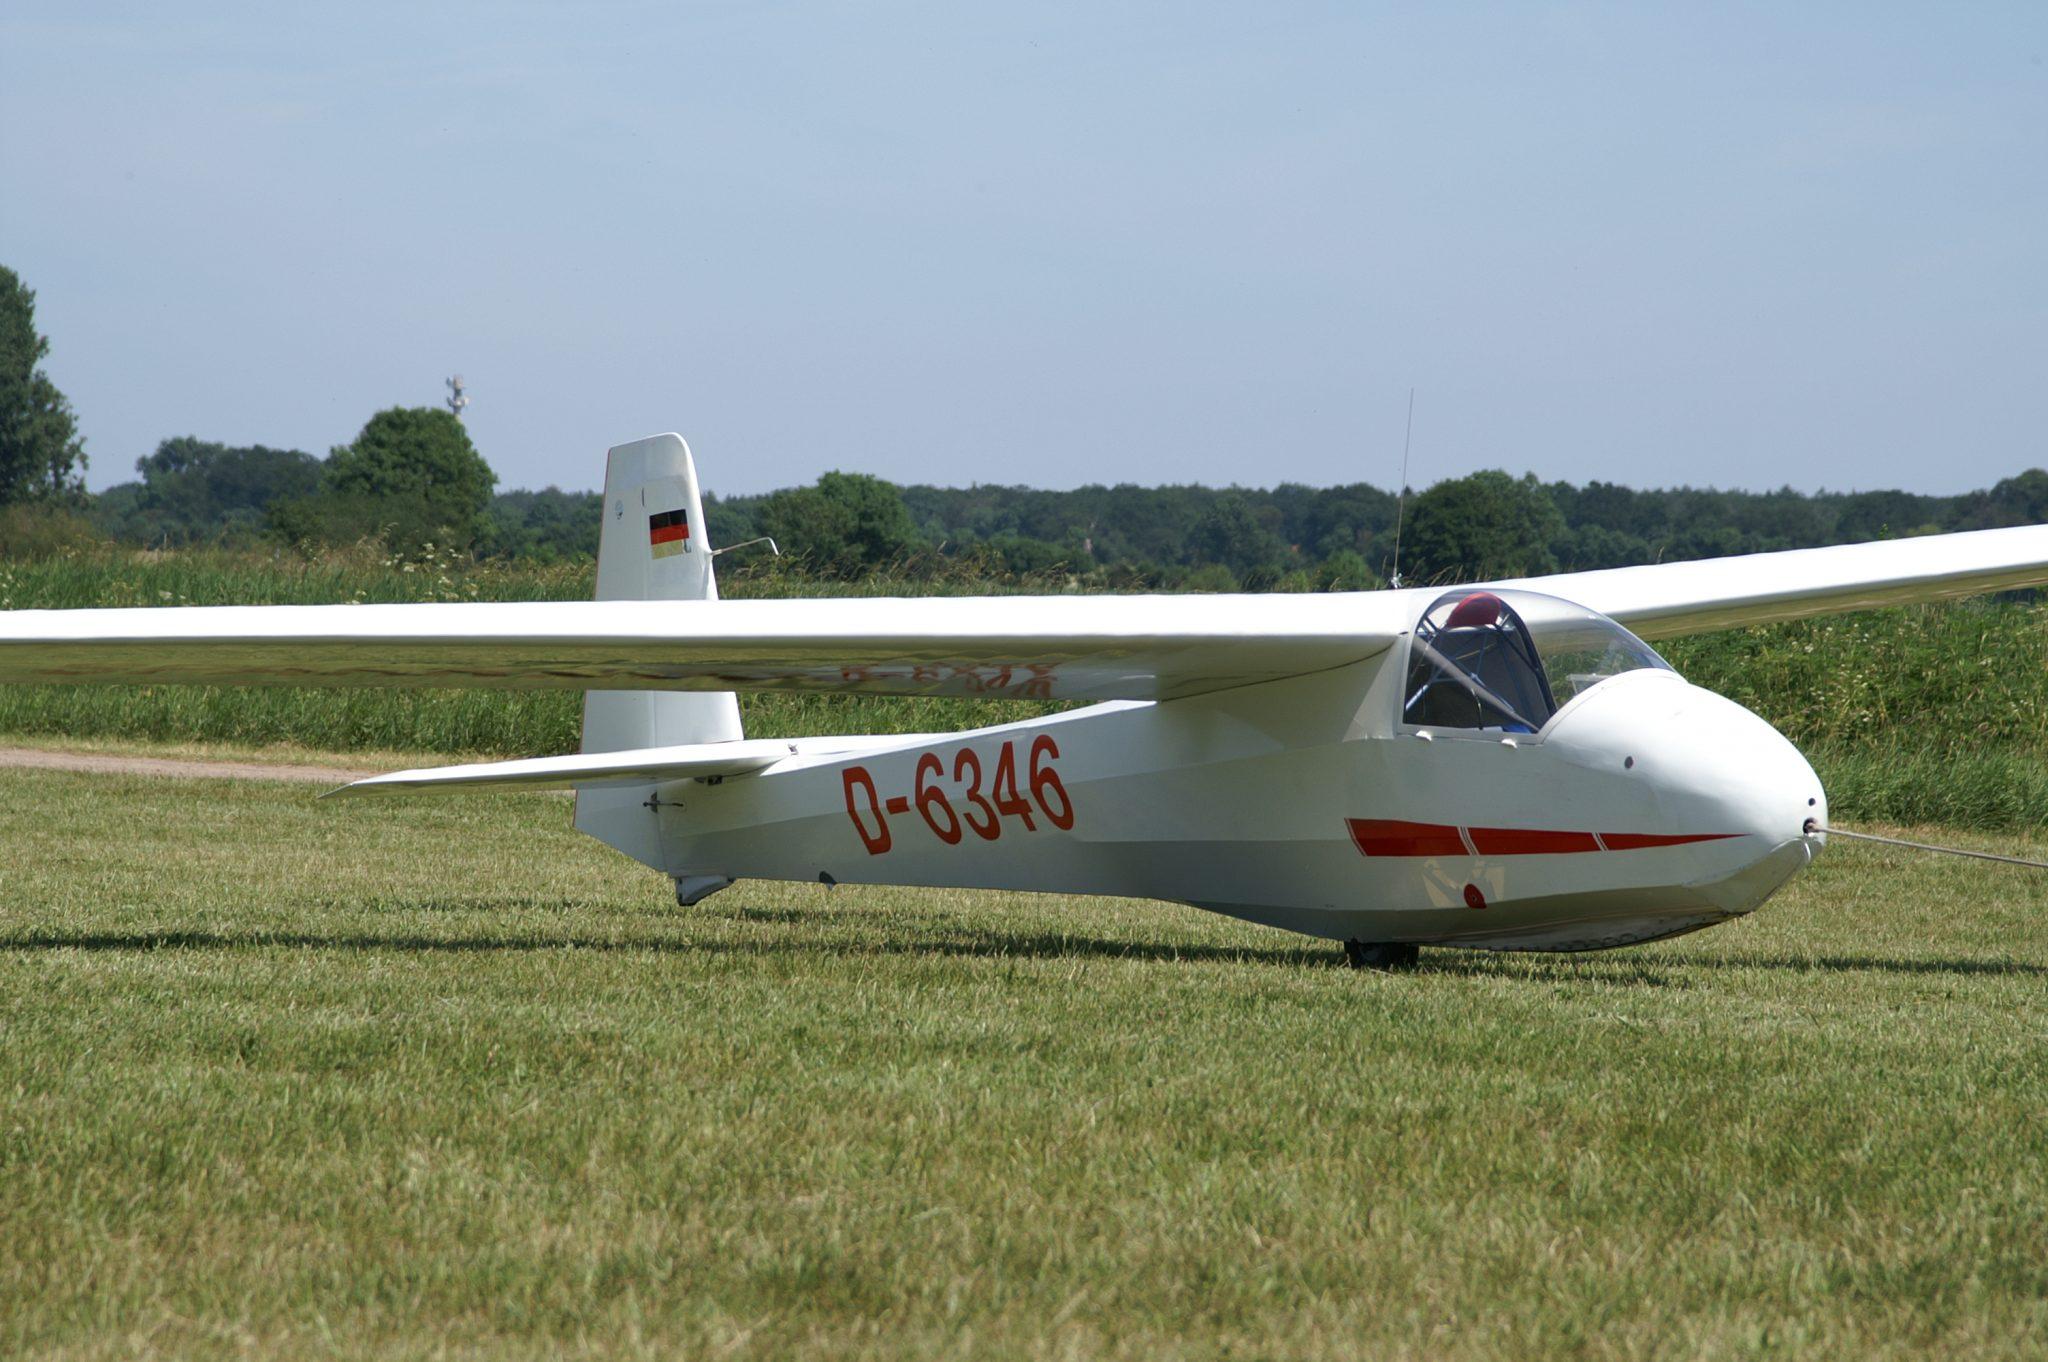 Schleicher Ka8 b (D-6346)